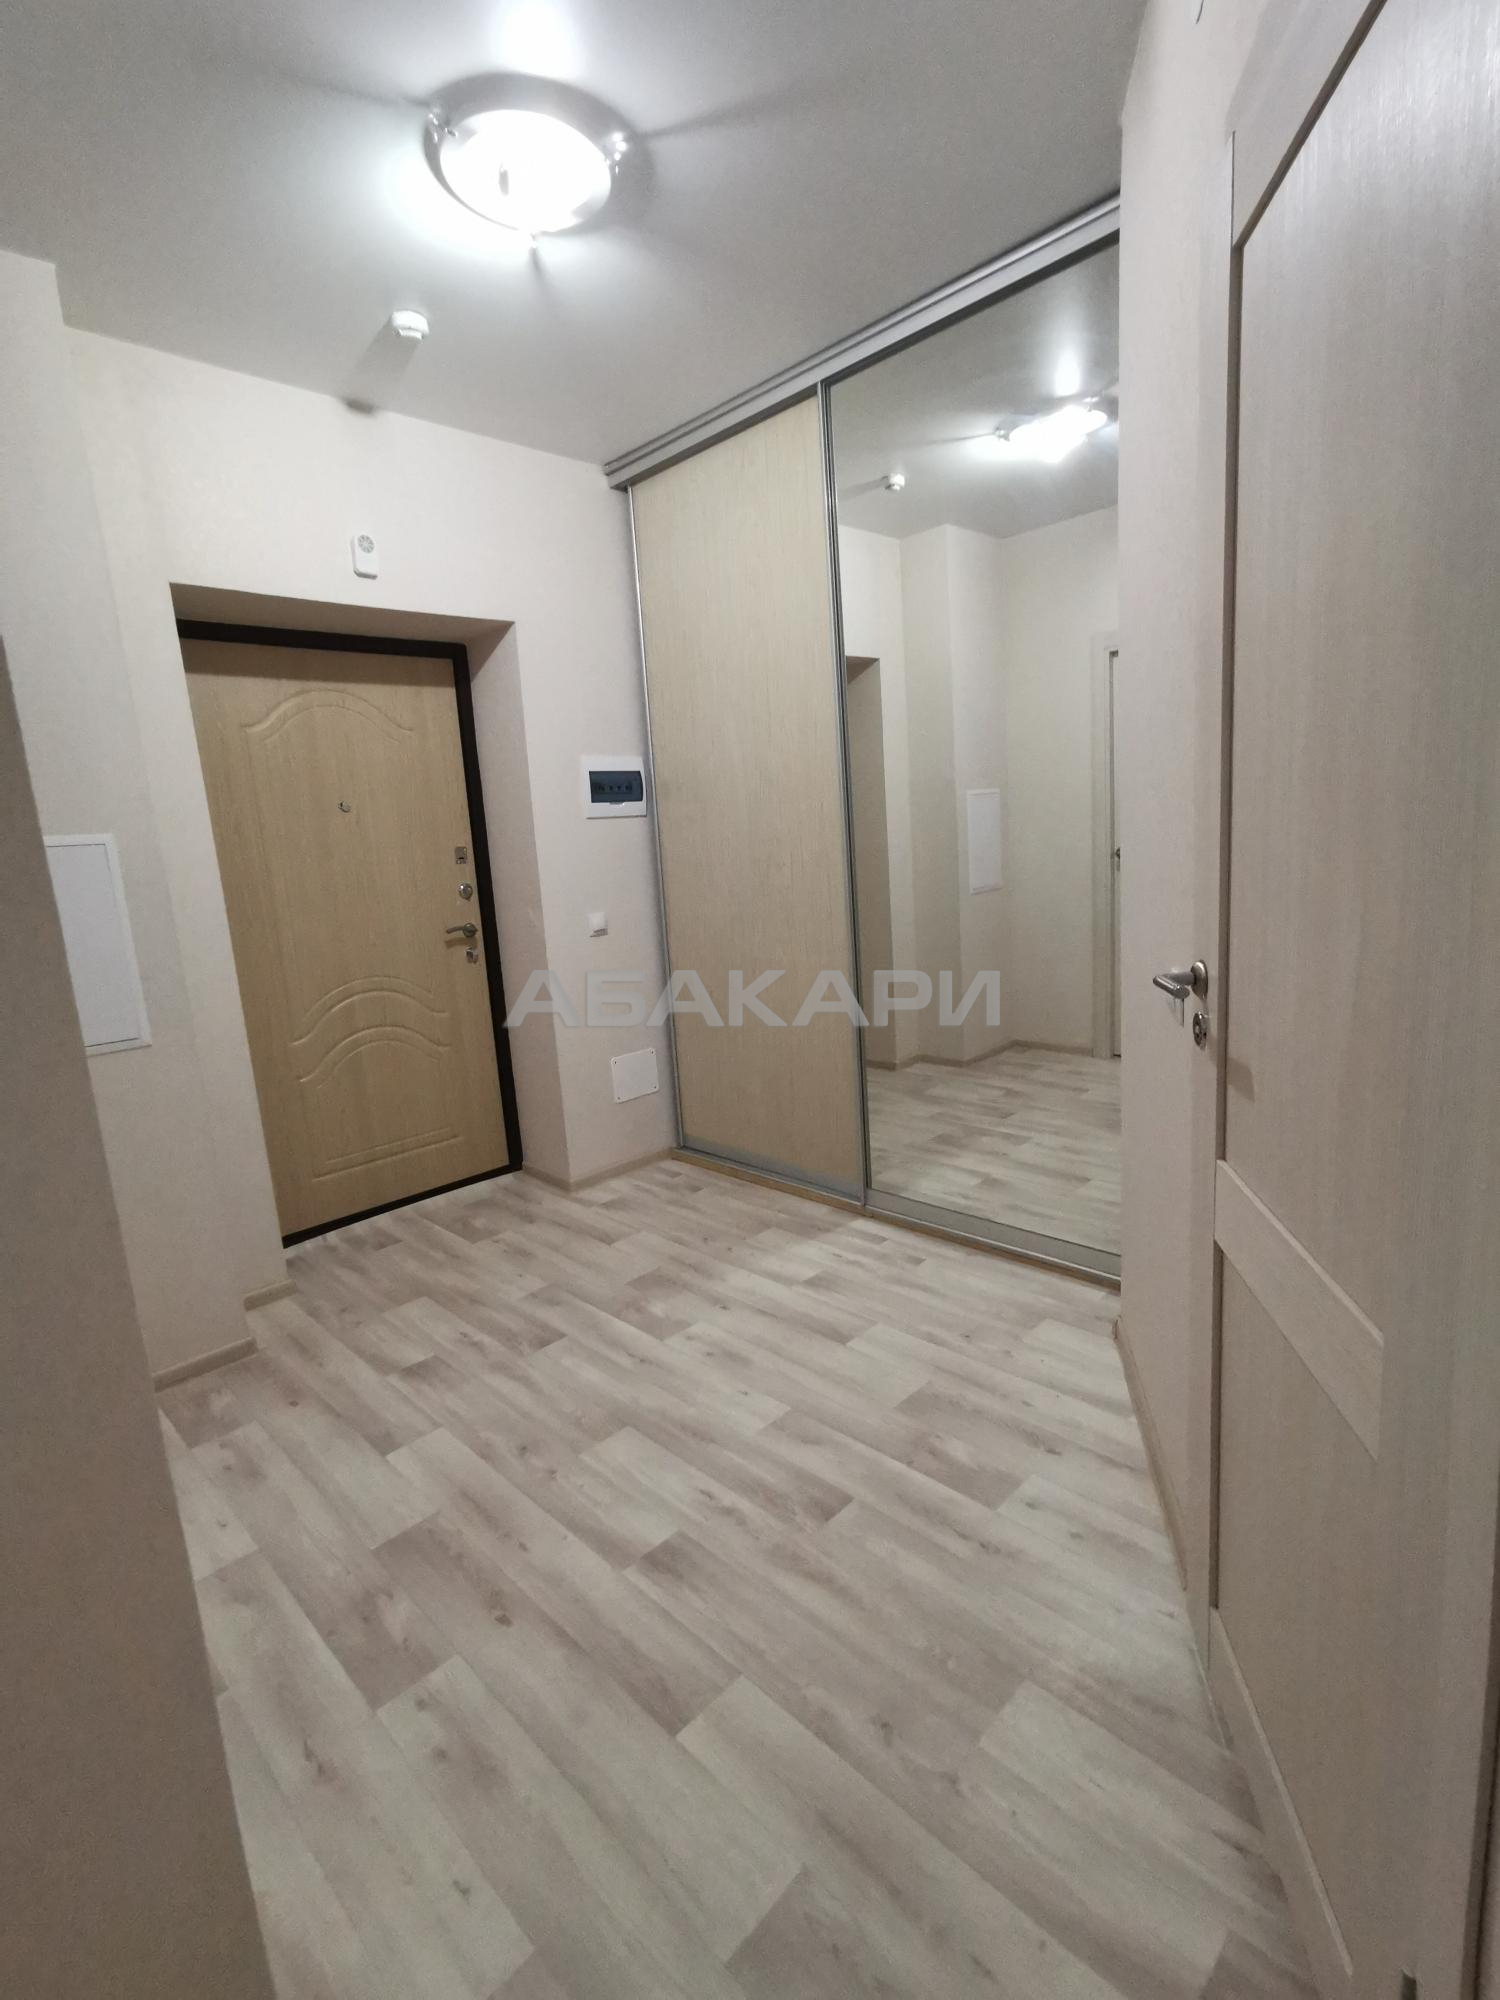 1к квартира улица Академгородок, 66 3/8 - 36кв   24000   аренда в Красноярске фото 6